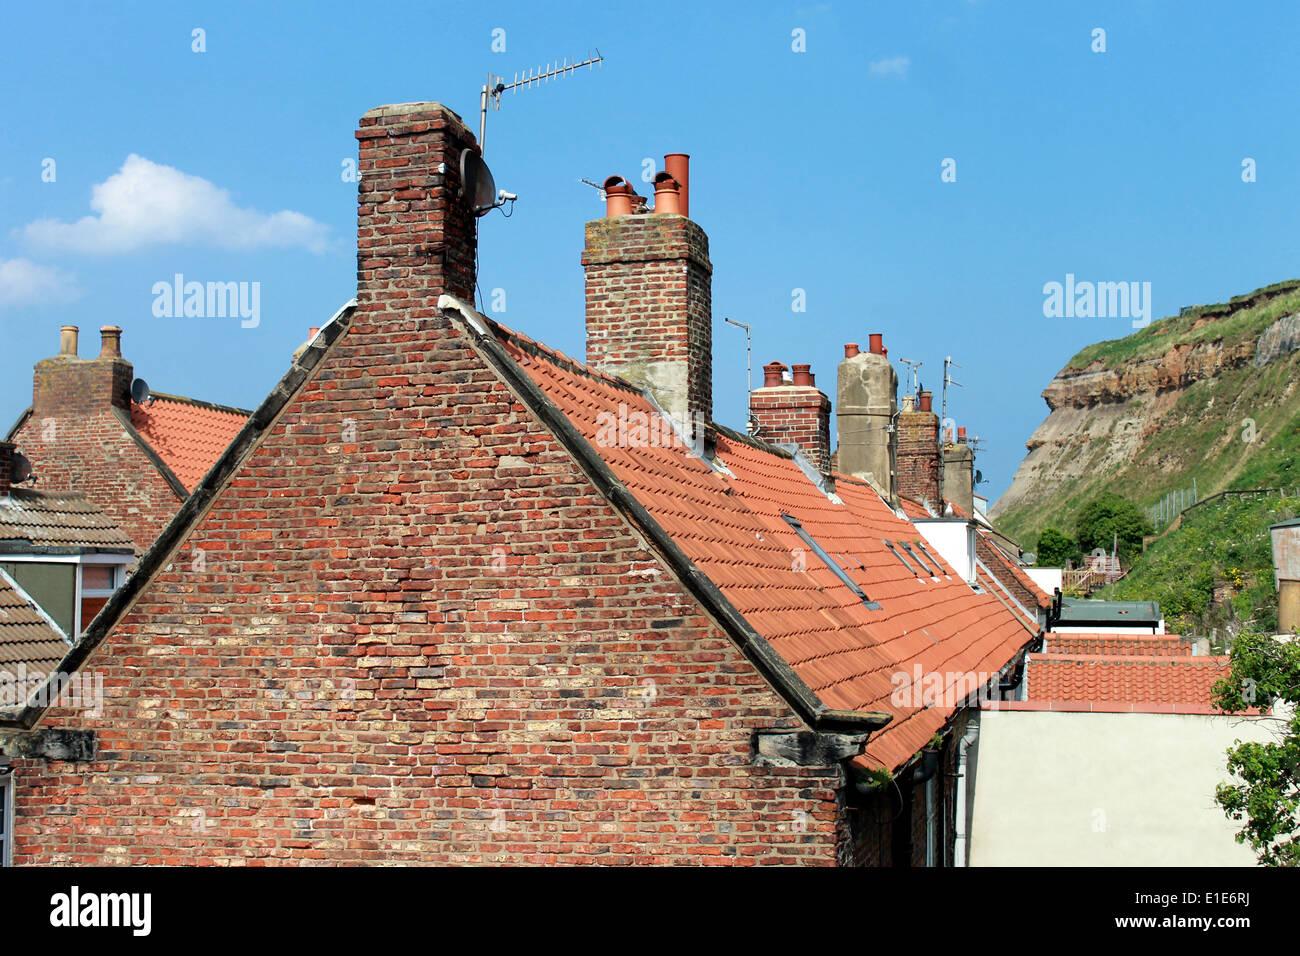 Maisons de tuiles rouges dans la ville de Whitby, North Yorkshire, Angleterre. Photo Stock